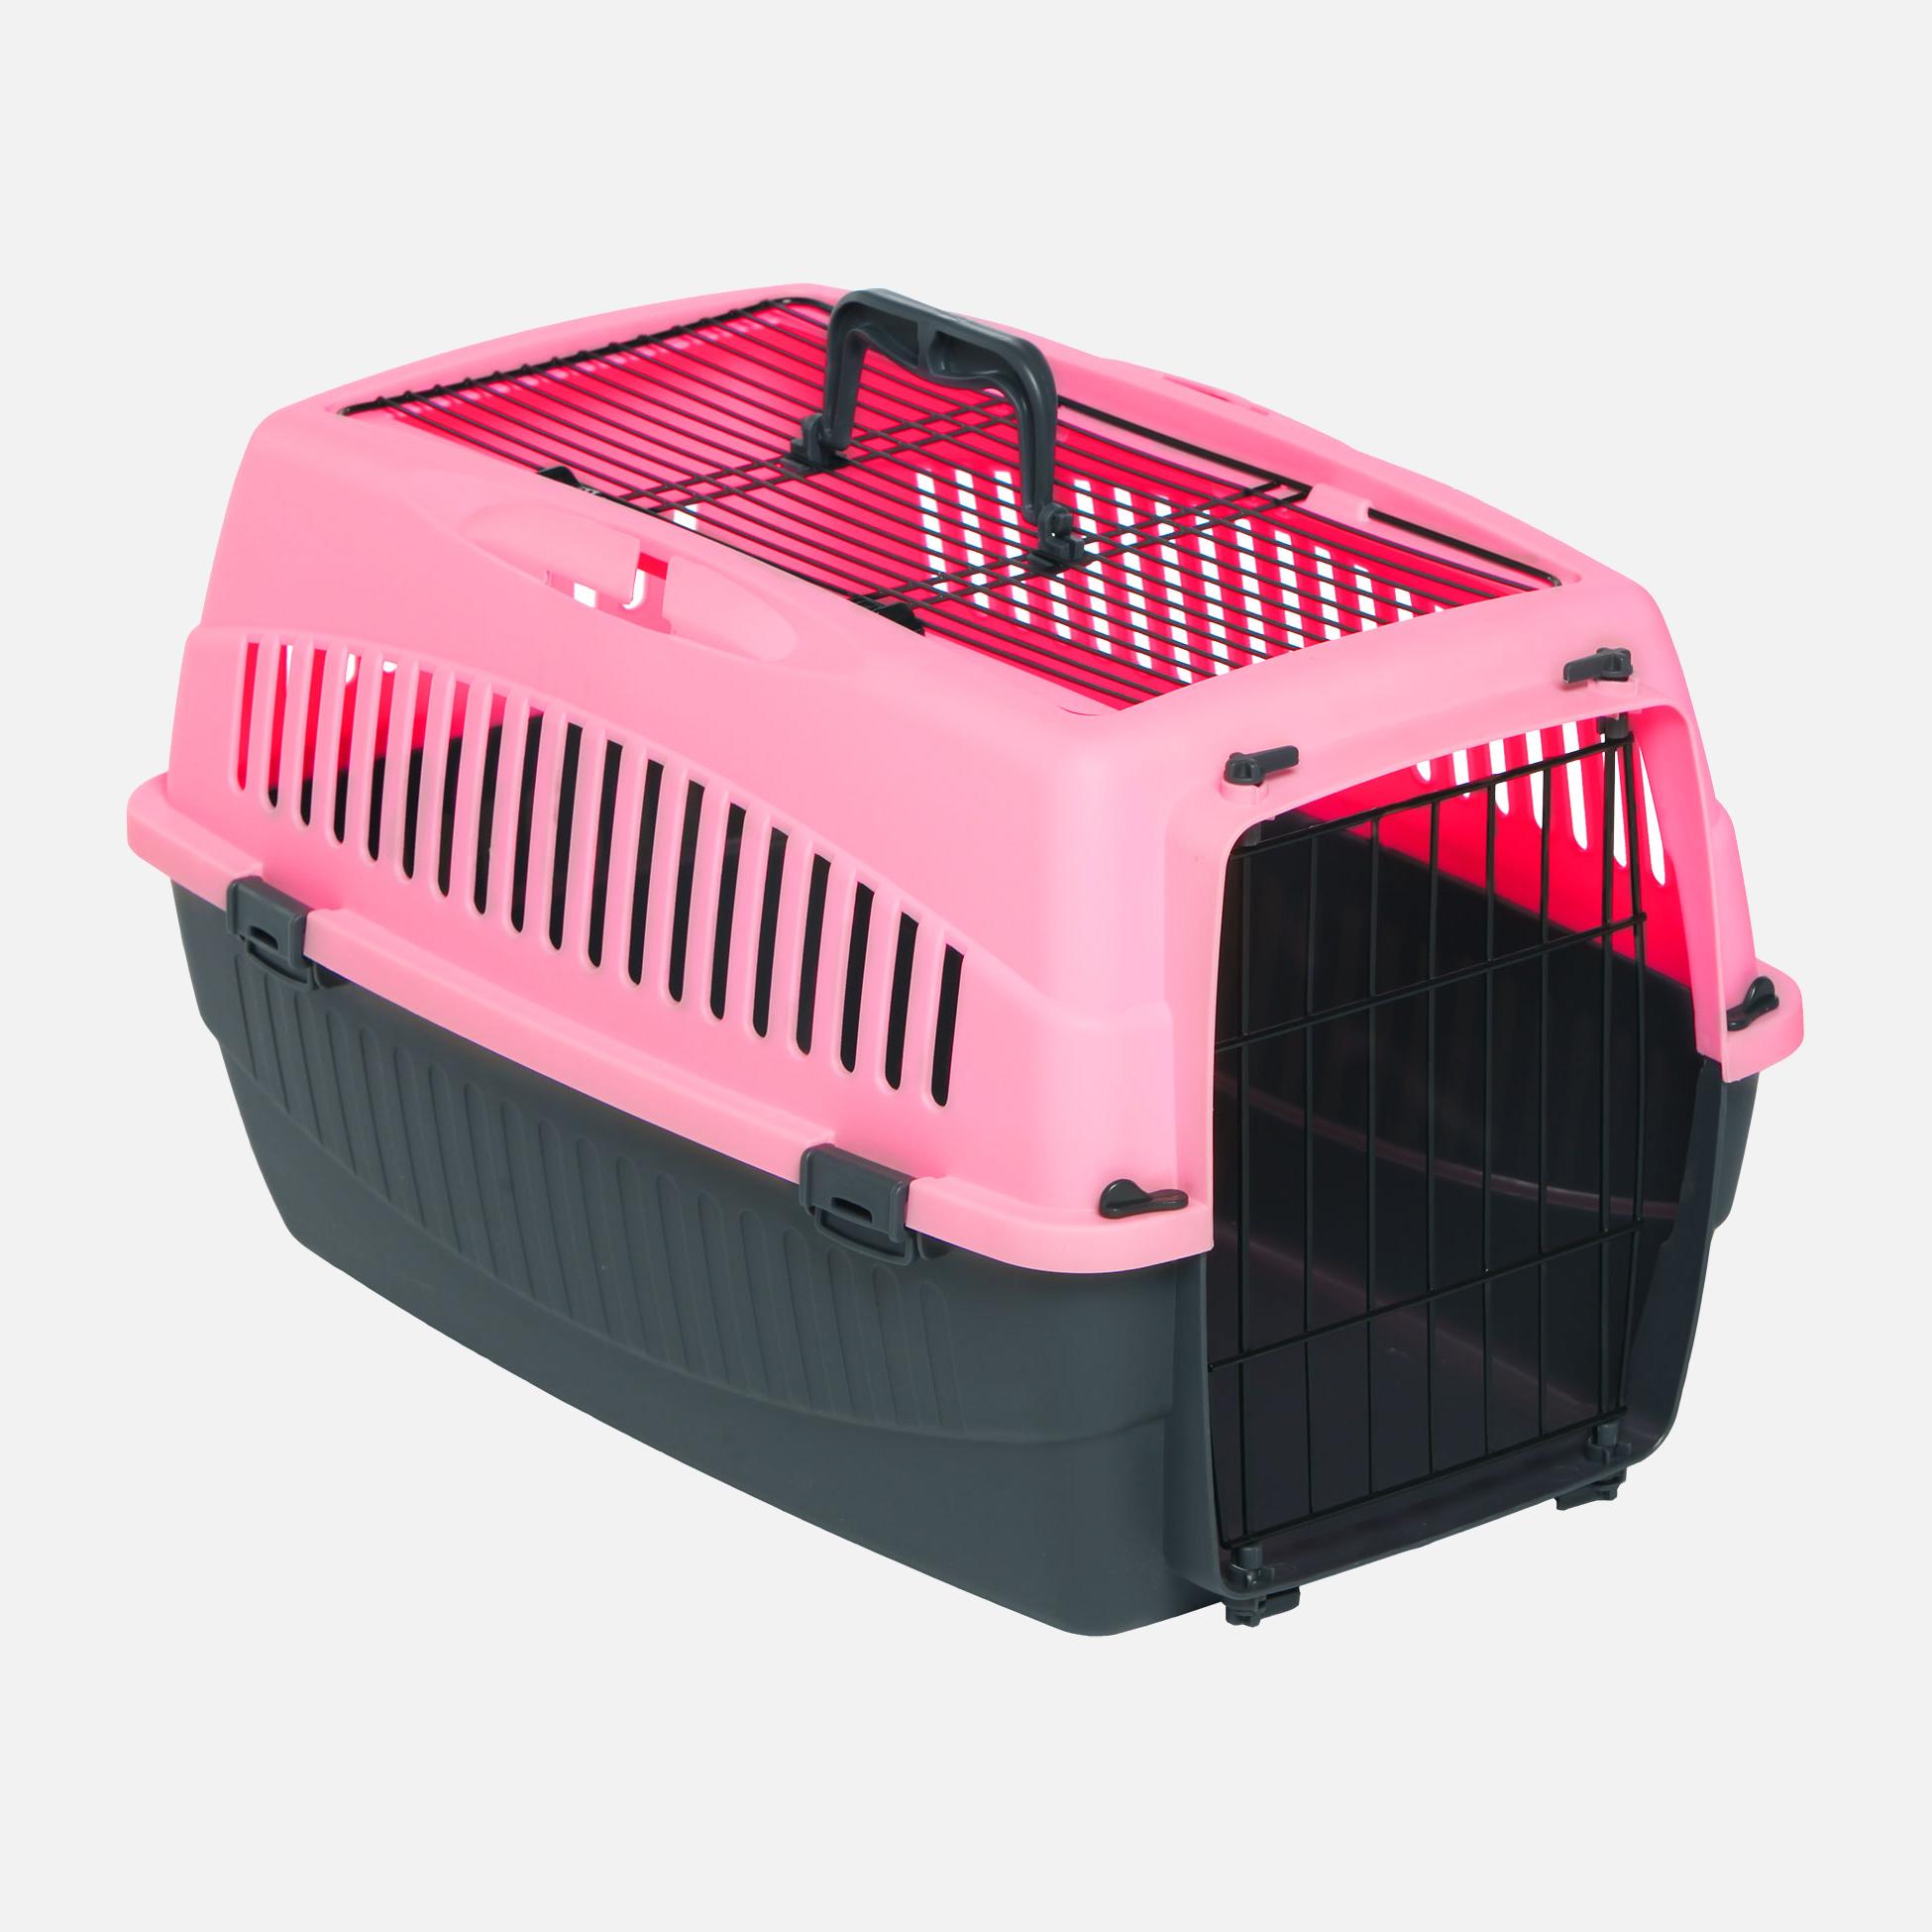 Caisses plastique de transport double ouverture rose par wouapy